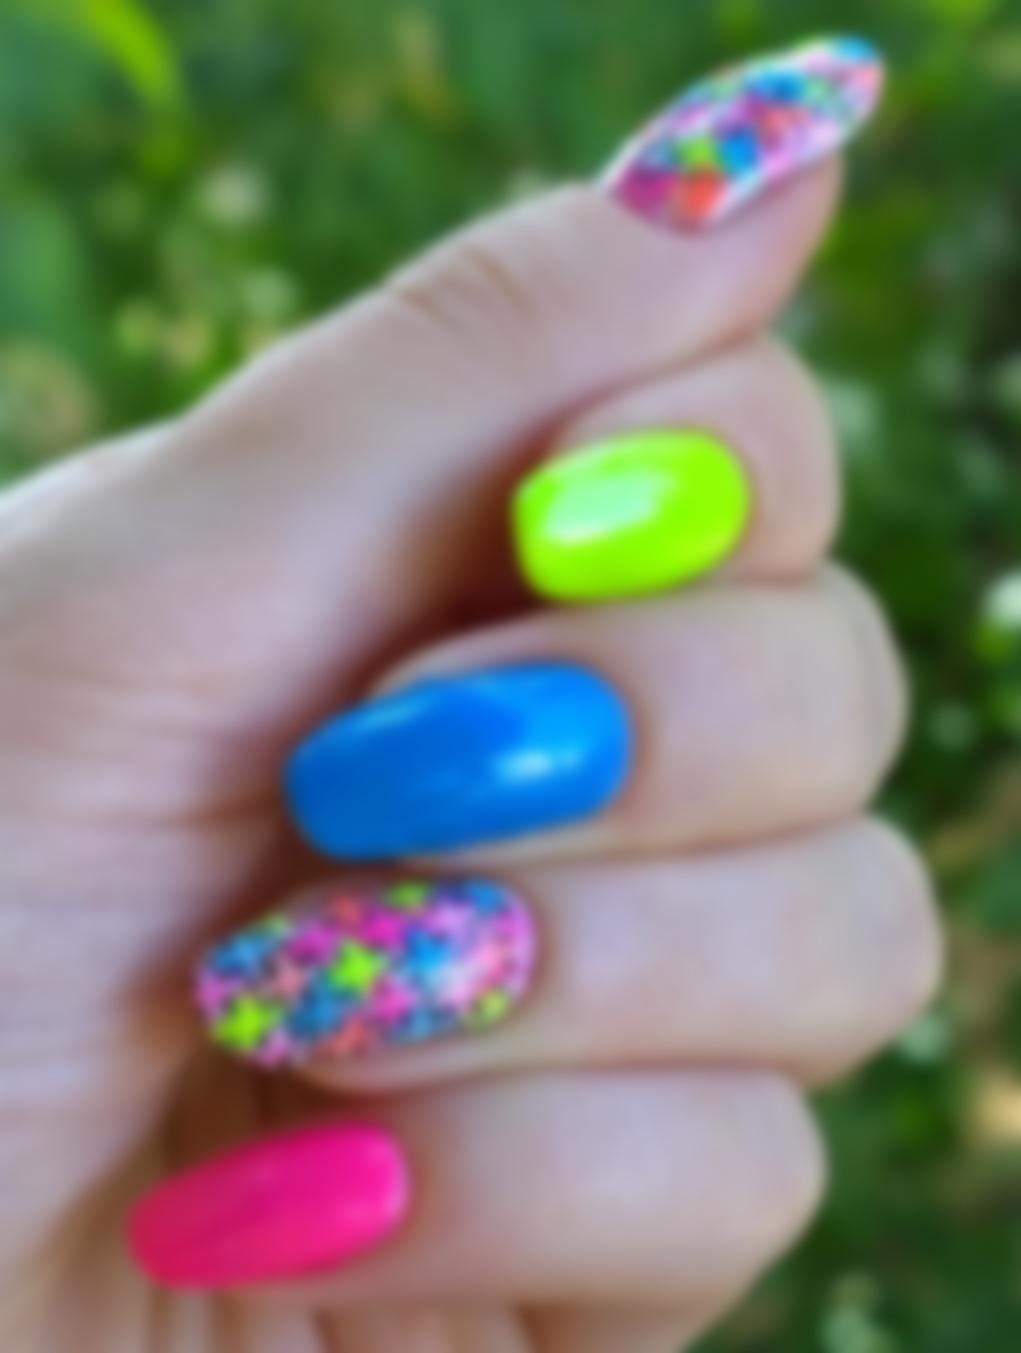 красивые ногти на лето фото абитуриентам